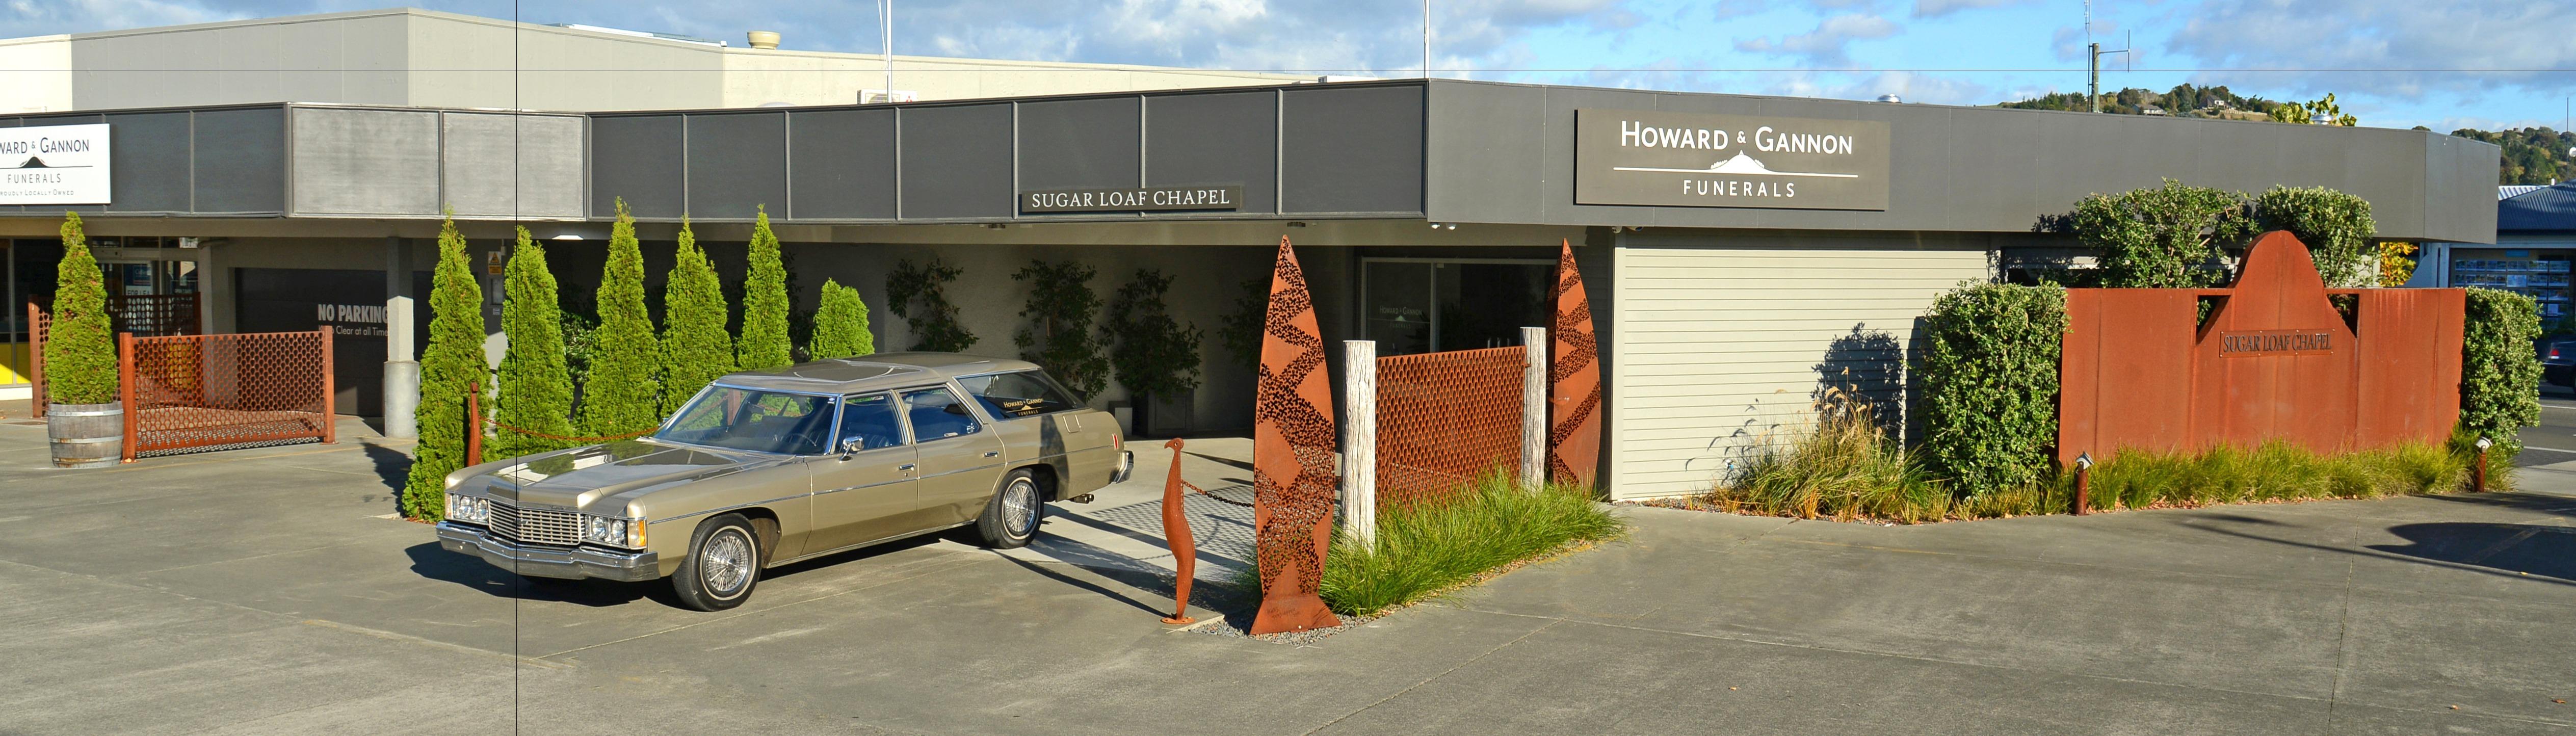 Howard gannon funerals funeral directors napier area yellow nz solutioingenieria Images